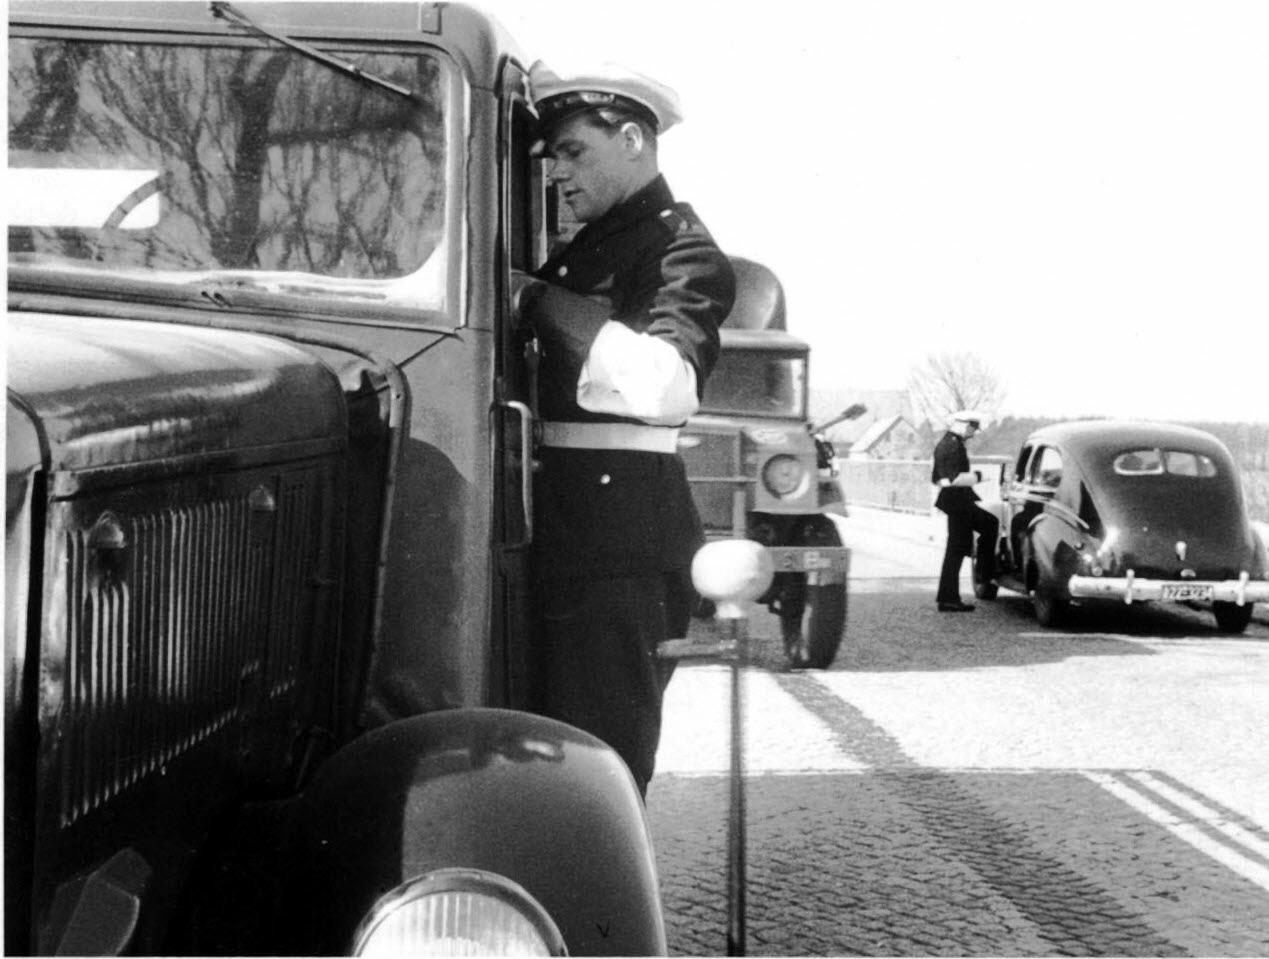 Verkehrsüberwachung Ende der 40er Jahre. Heinrich Schmalriede am Führerhaus des Lkws. Übrigens mit der Dienstnummer 1003 auf der Brustplakette.